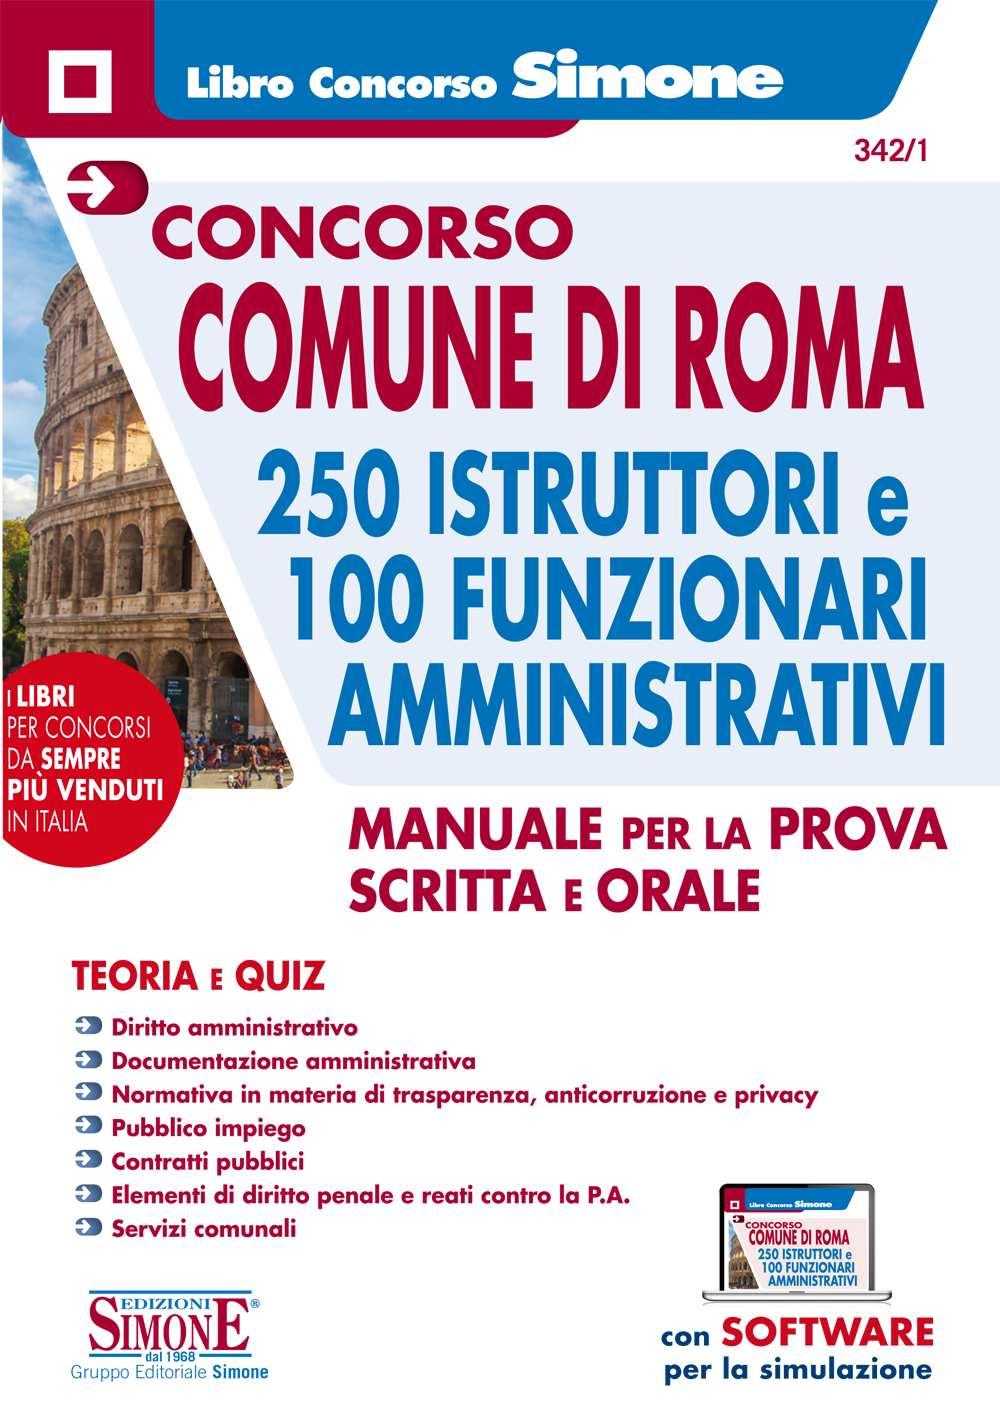 Manuale Comune di Roma per 250 istruttori e 100 funzionari amministrativi